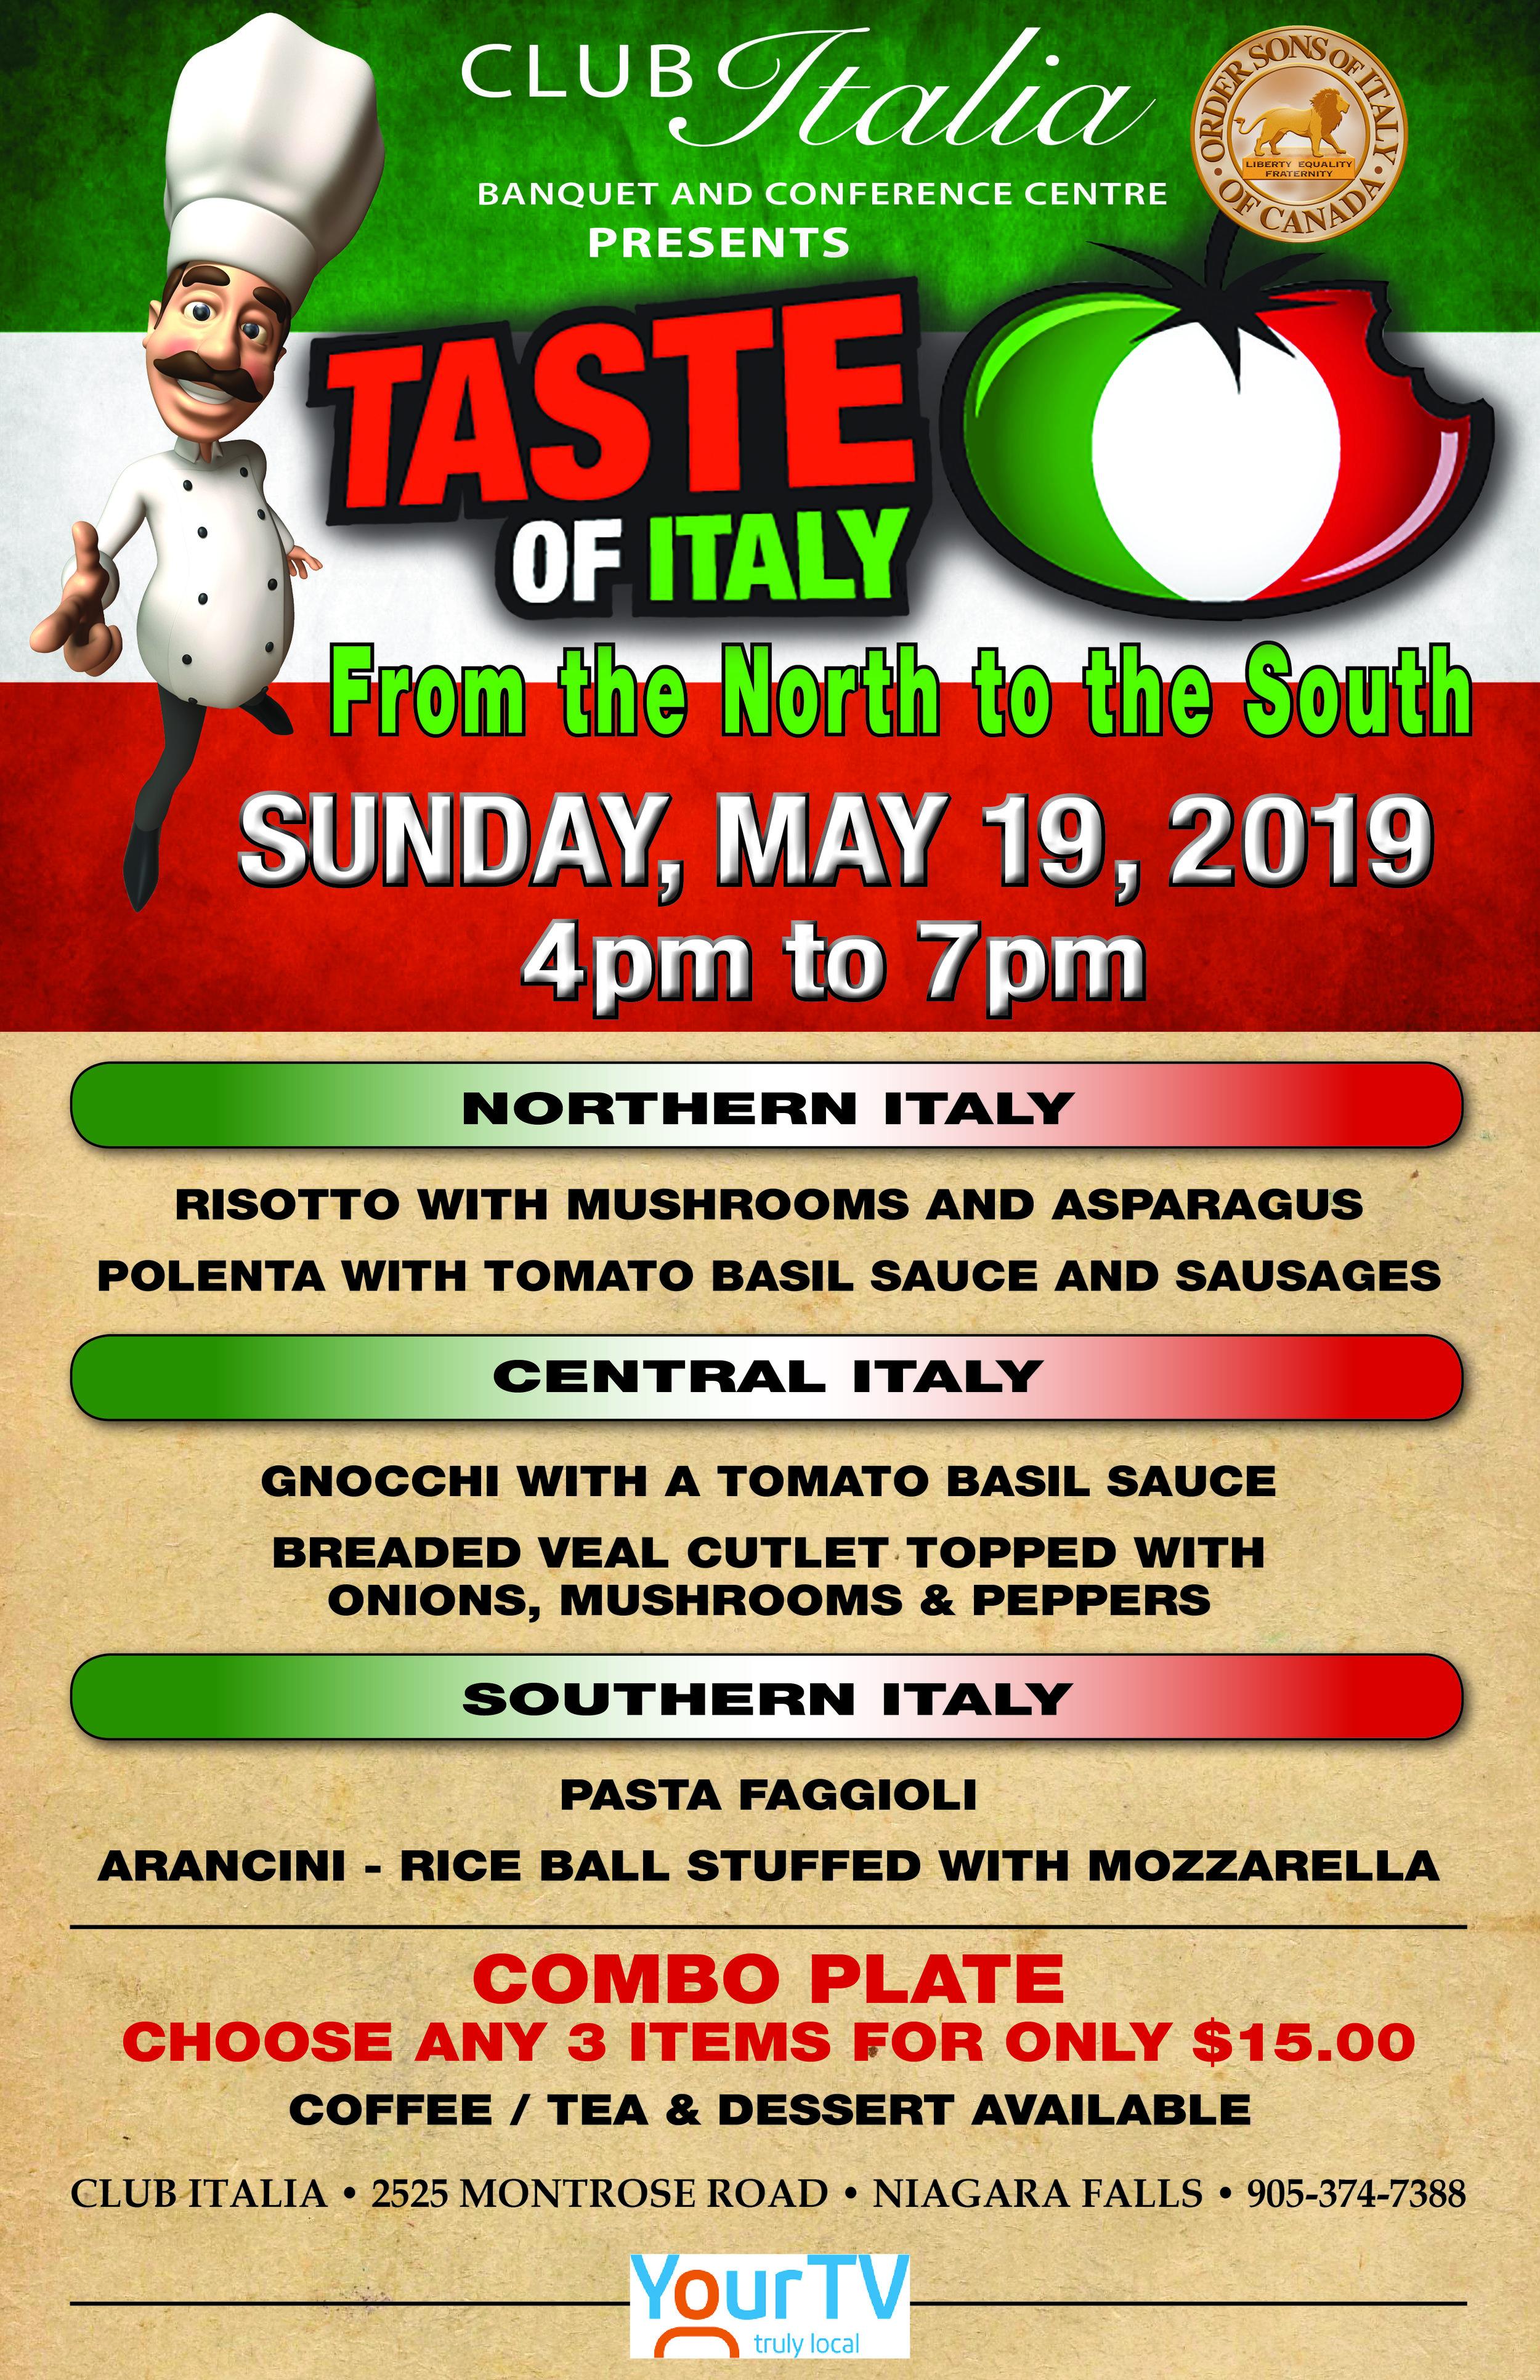 Taste of Italy Poster - Club Italia.jpg